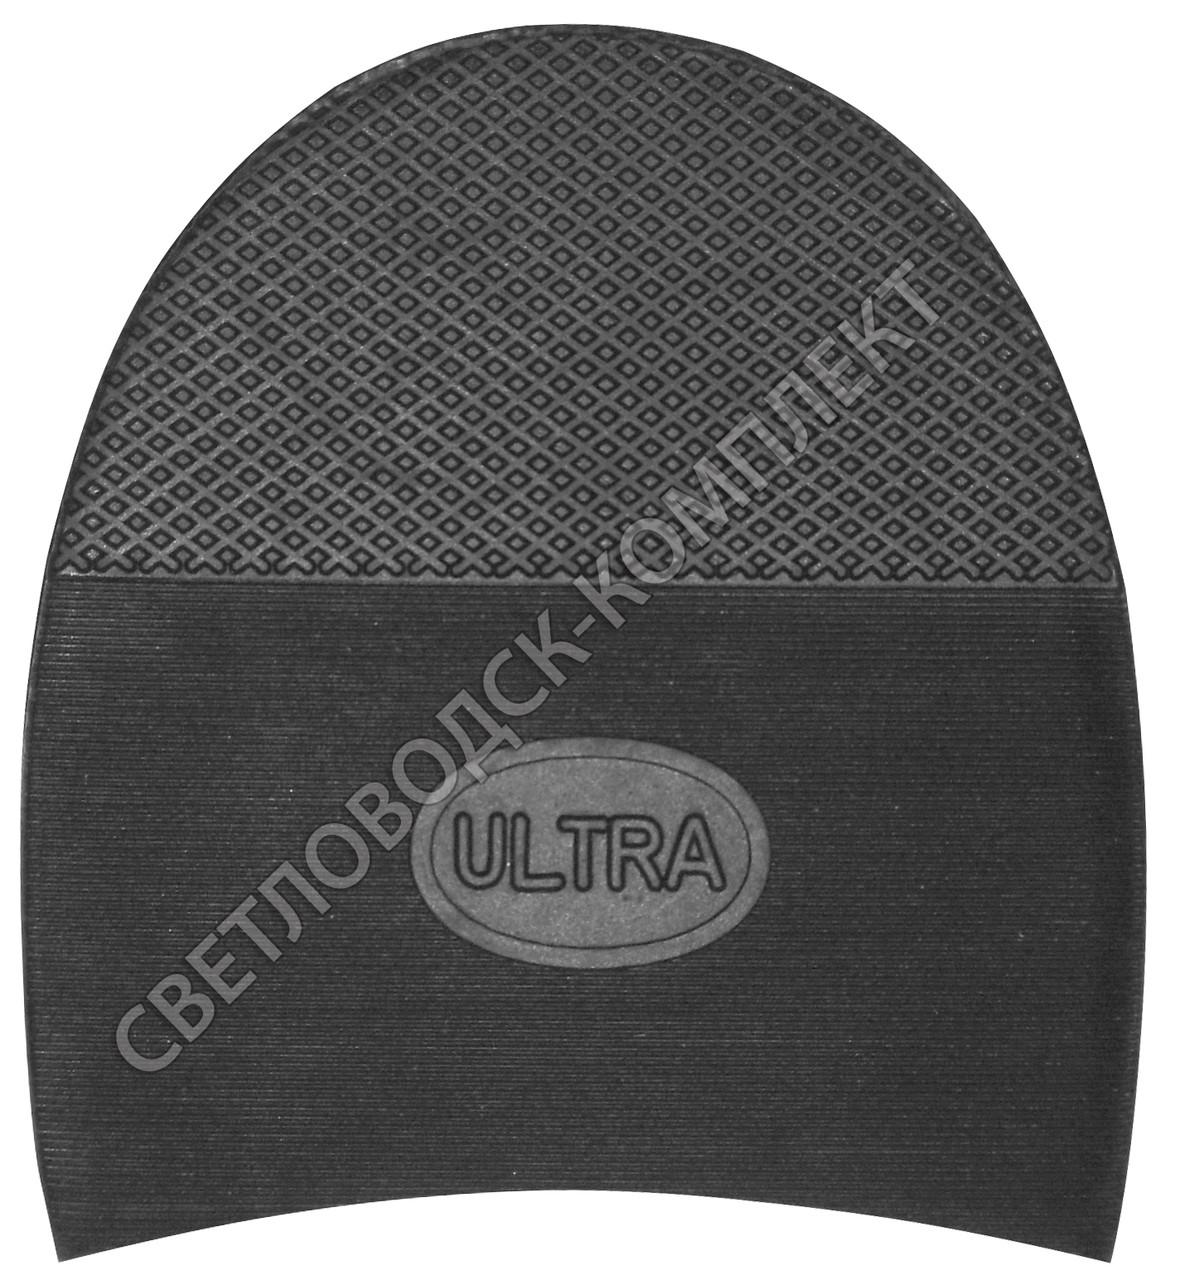 Каблук резиновый мужской ULTRA, р. 13-14, т. 21.5 мм, цв. черный